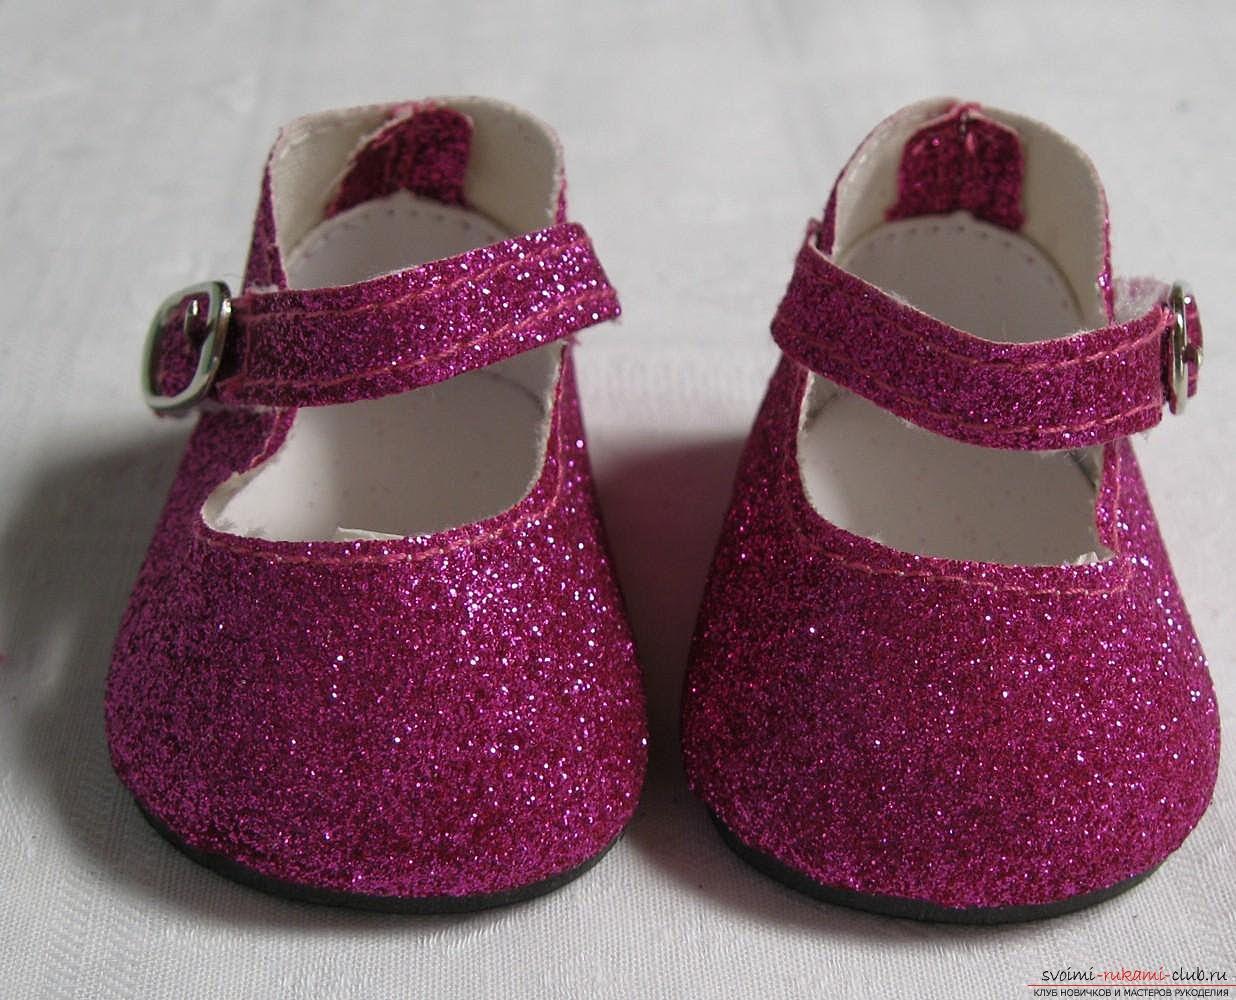 Кукольная обувь своими руками фото